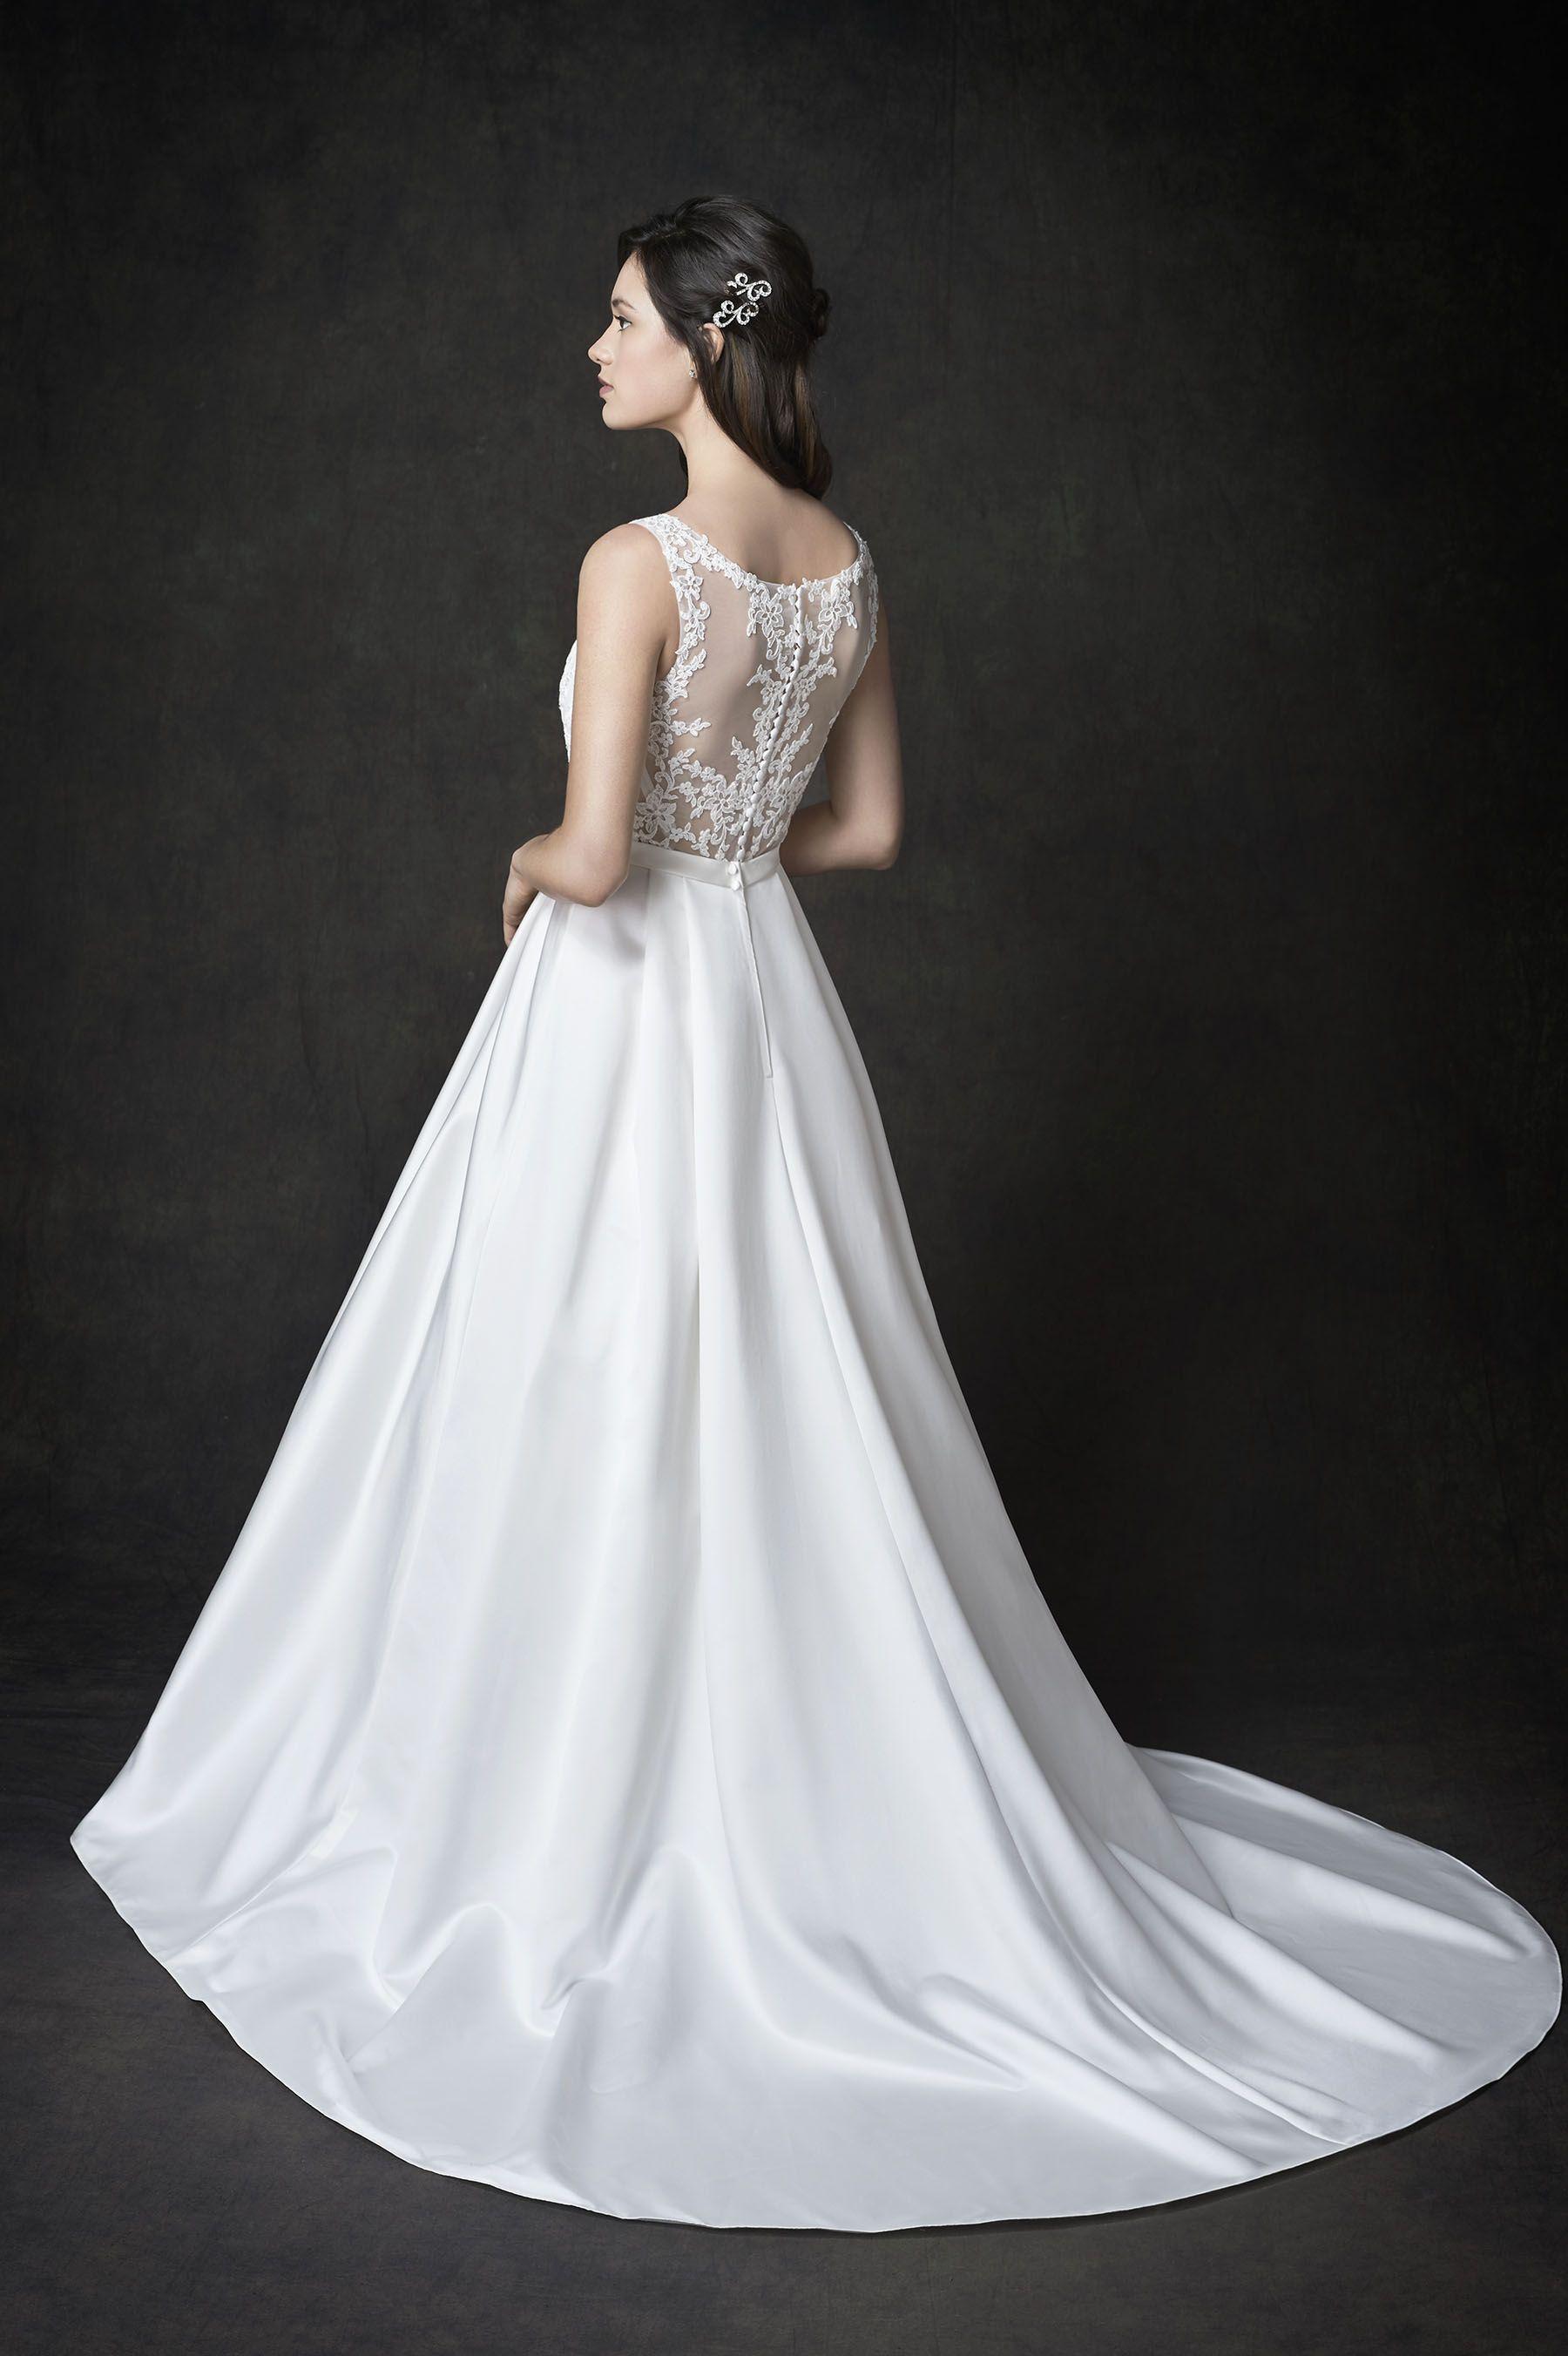 18+ Two looks in one wedding dress ideas